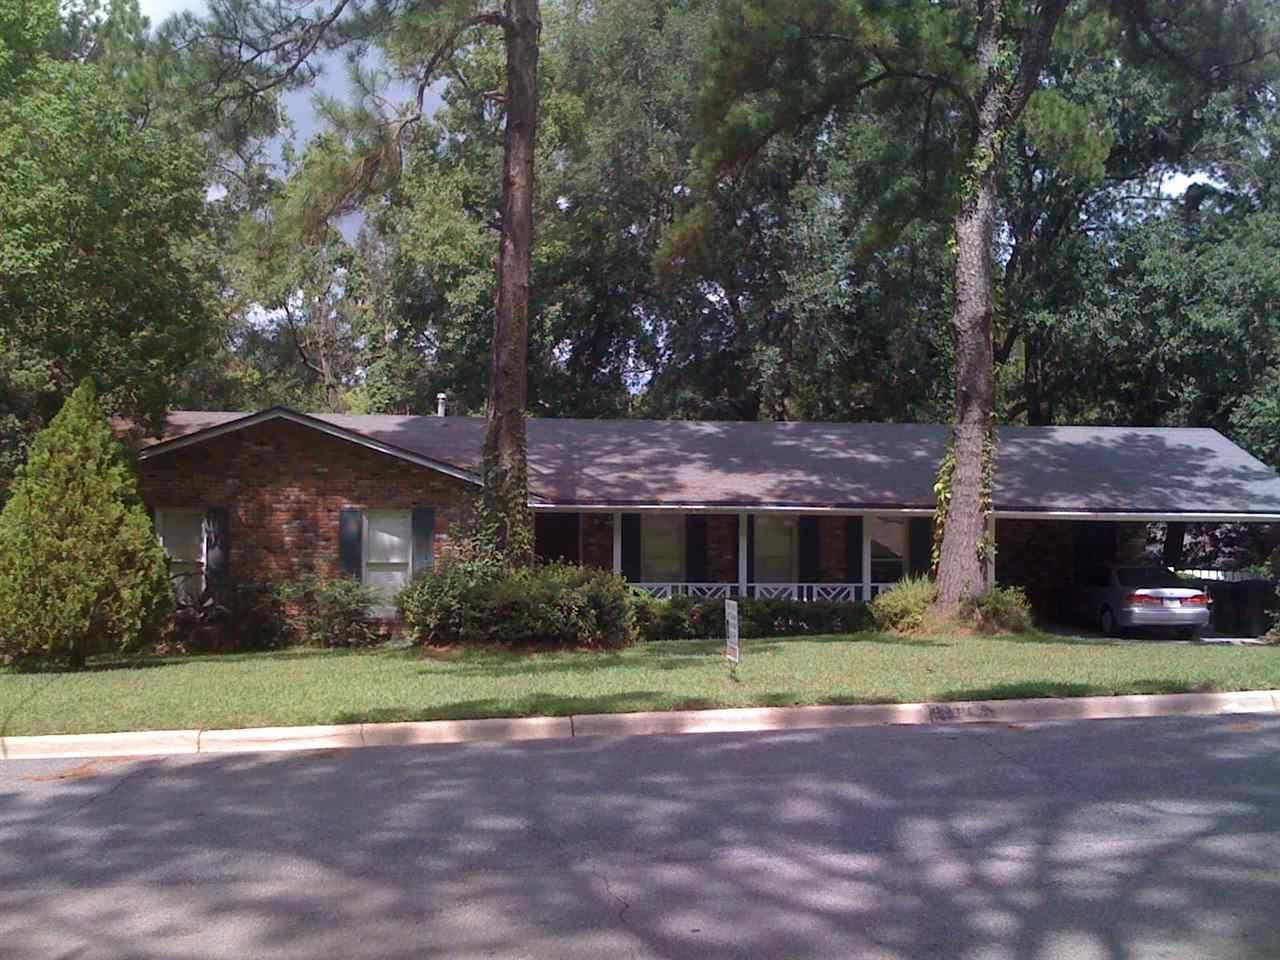 1106 Missionwood Lane, Tallahassee, FL 32303 - MLS#: 334598